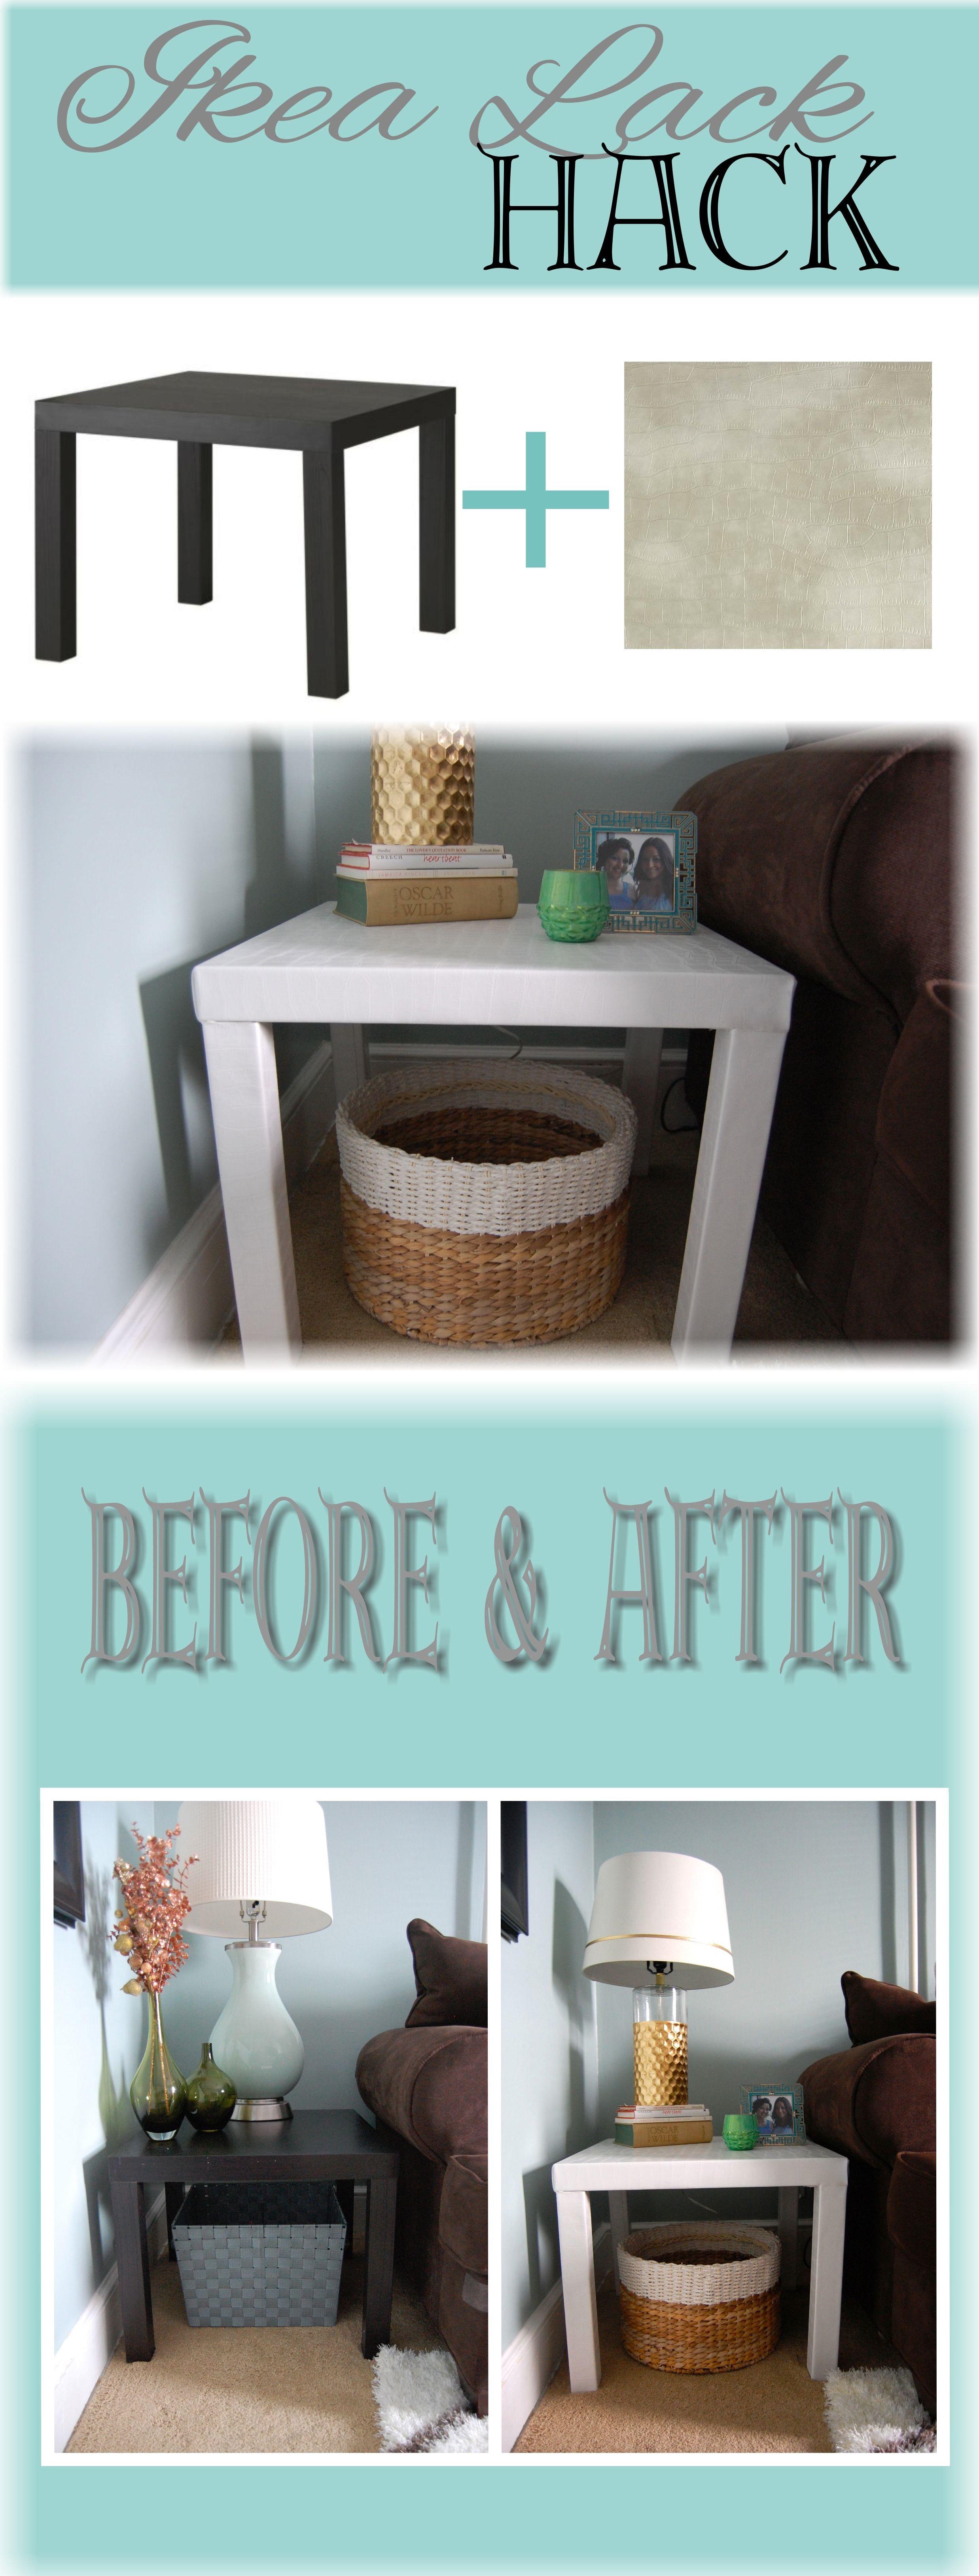 ikea lack side table hack diy. Black Bedroom Furniture Sets. Home Design Ideas